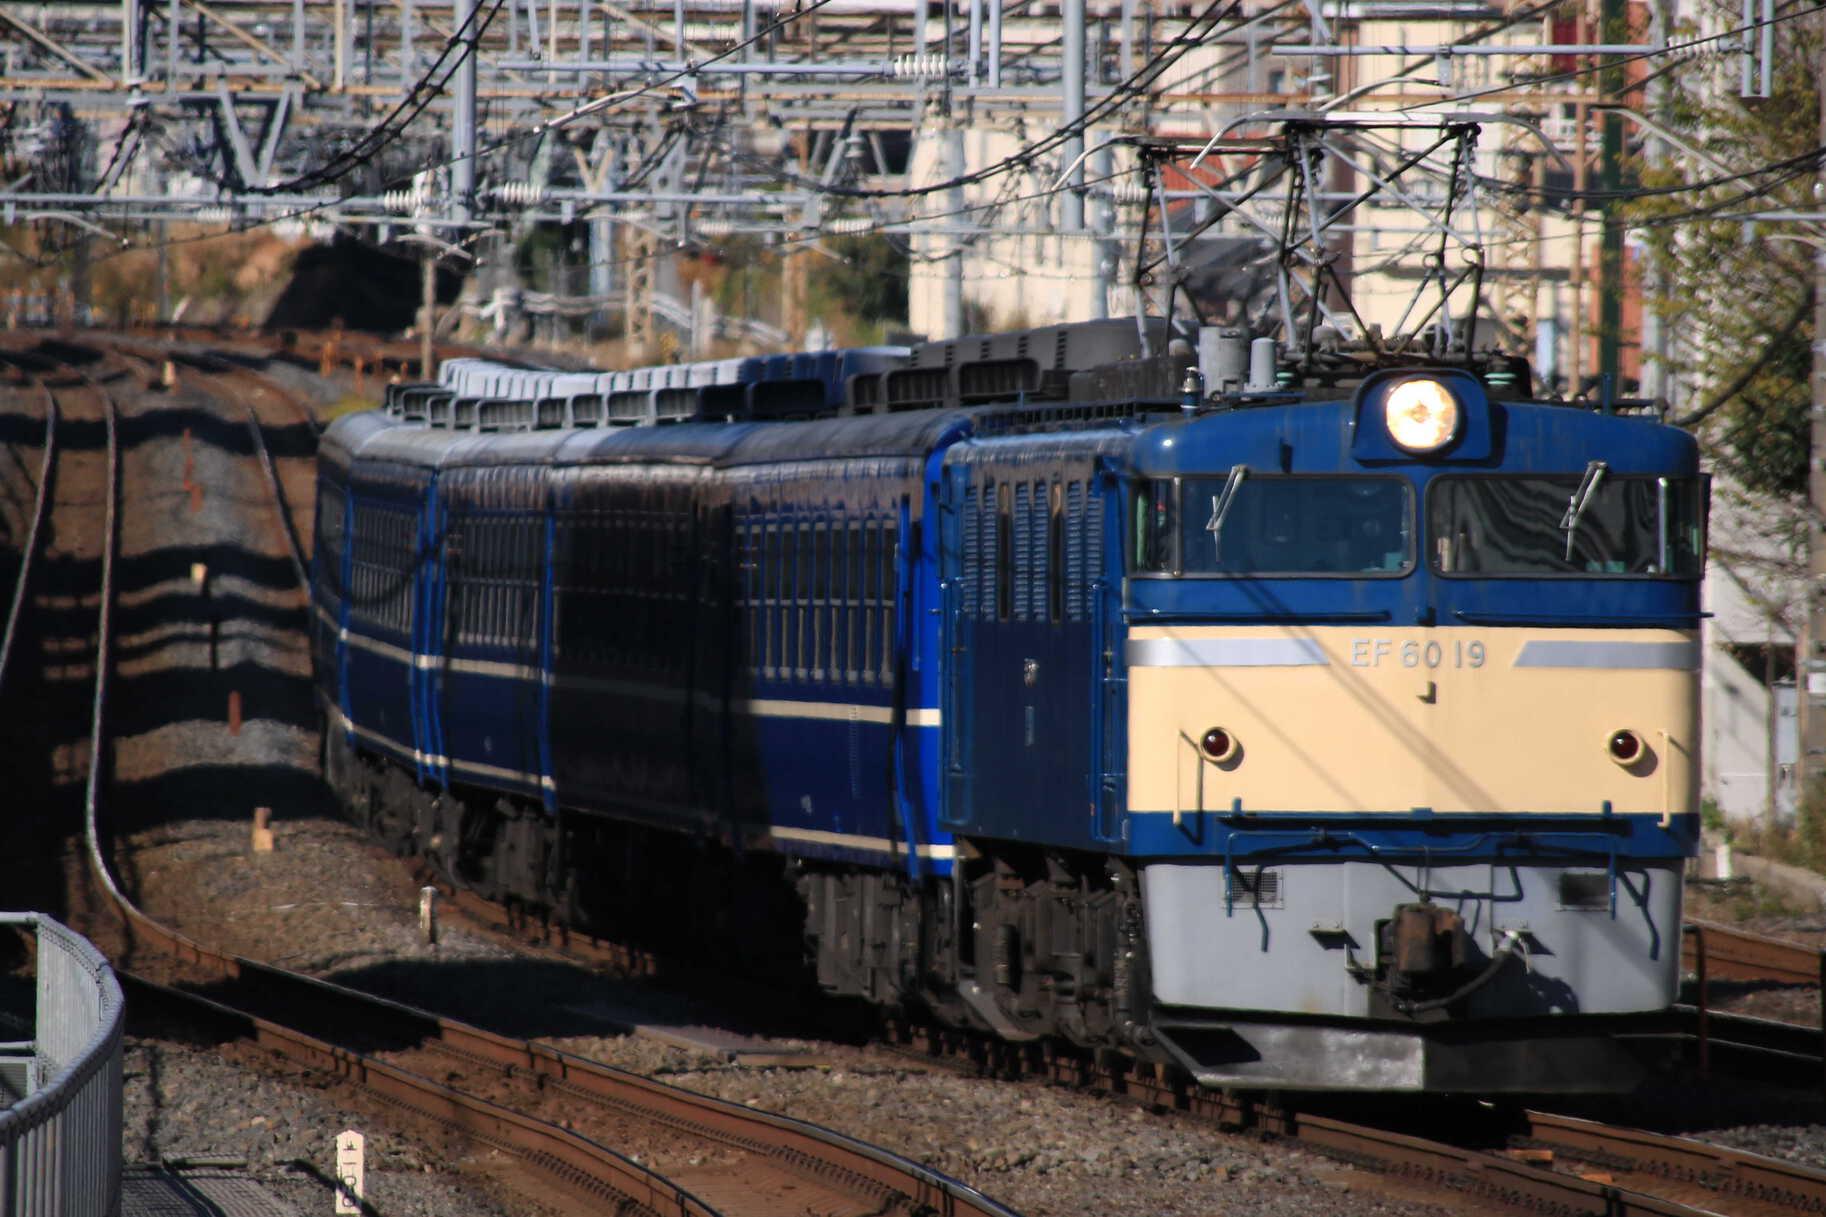 回9742列車 団臨(仙1203) 懐かしの急行列車で行く東京おとな旅 送り込み回送 EF60-19①[高]+12系 高タカ車5両